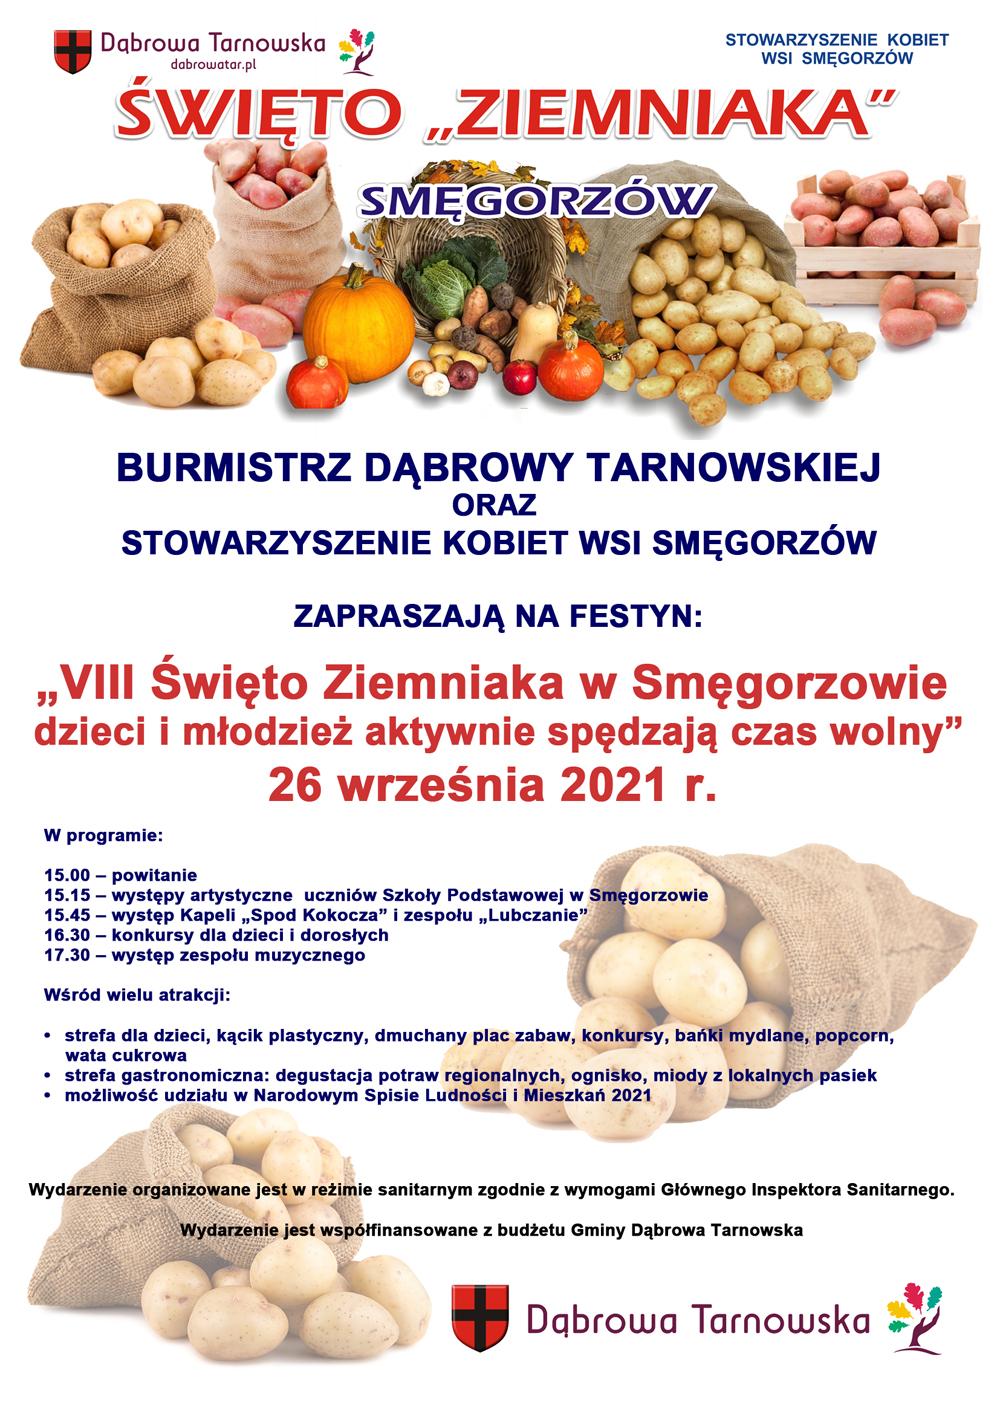 Święto Ziemniaka 2021 plakat Wraz z SKW Smęgorzów zapraszamy na Święto ziemniaka